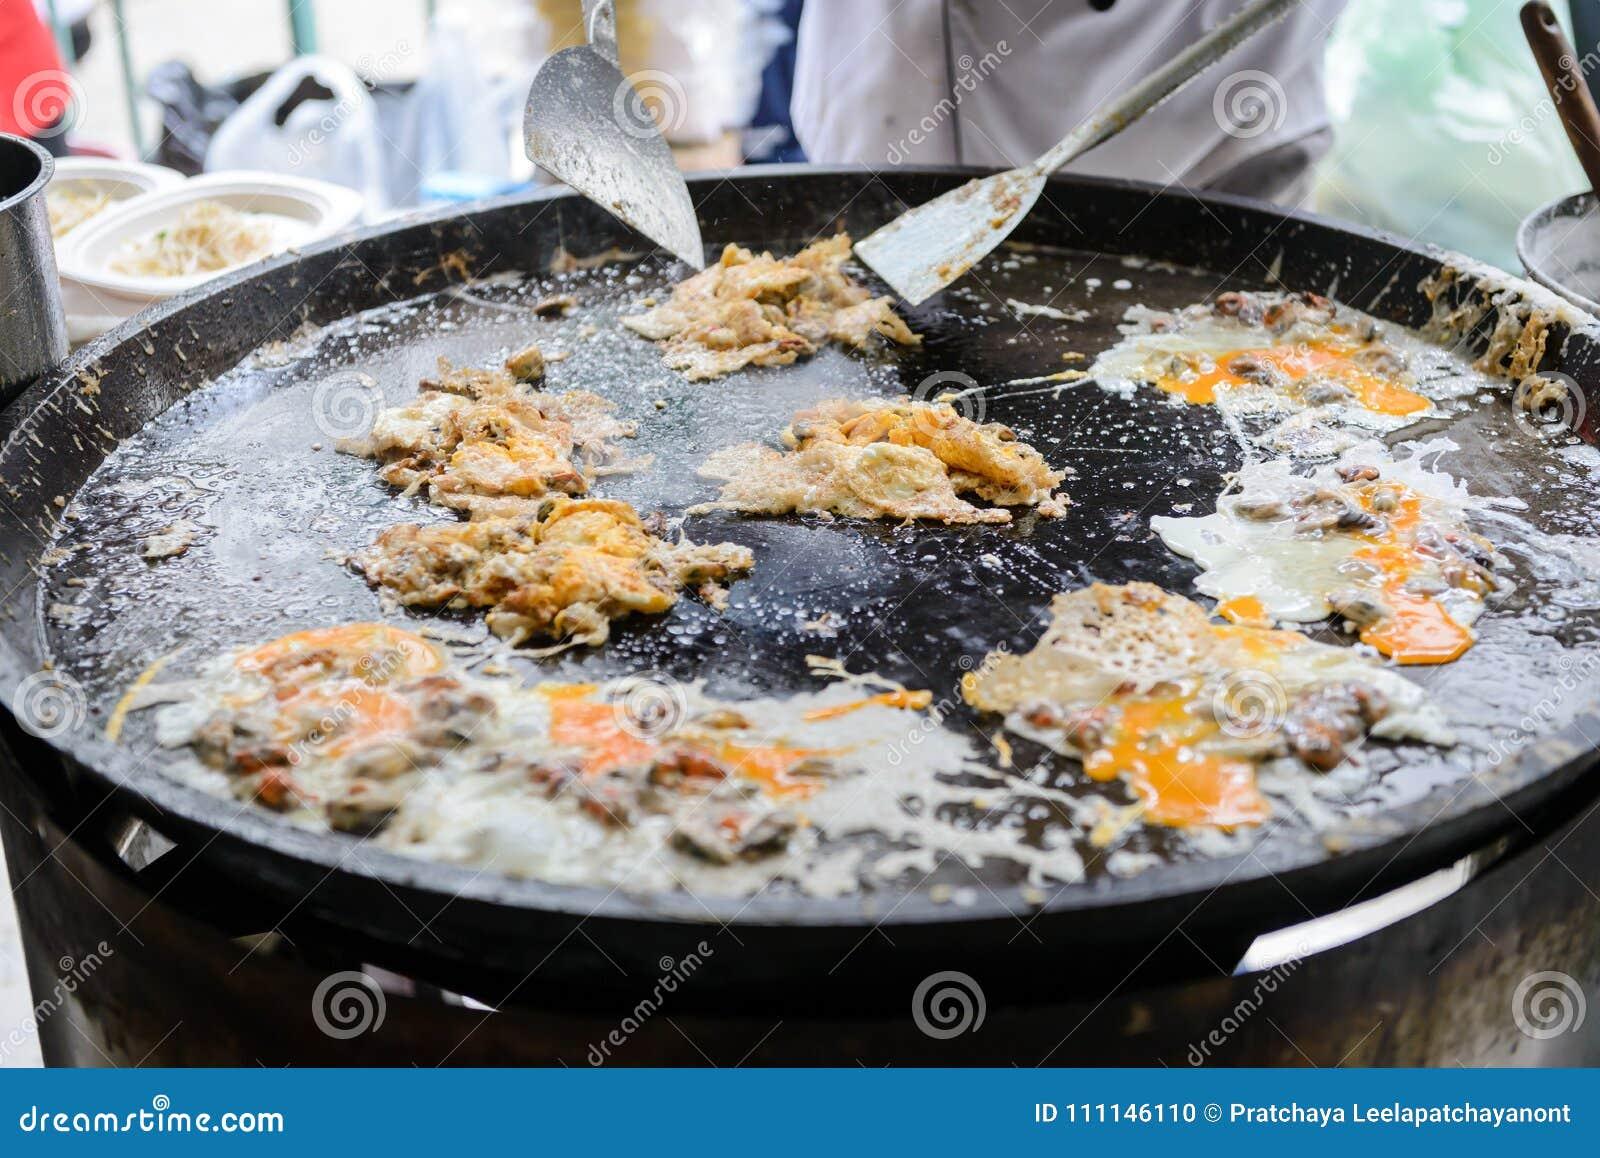 De knapperige die Oesteromelet maakte van bloem met mossel of oesters en ei wordt gemengd